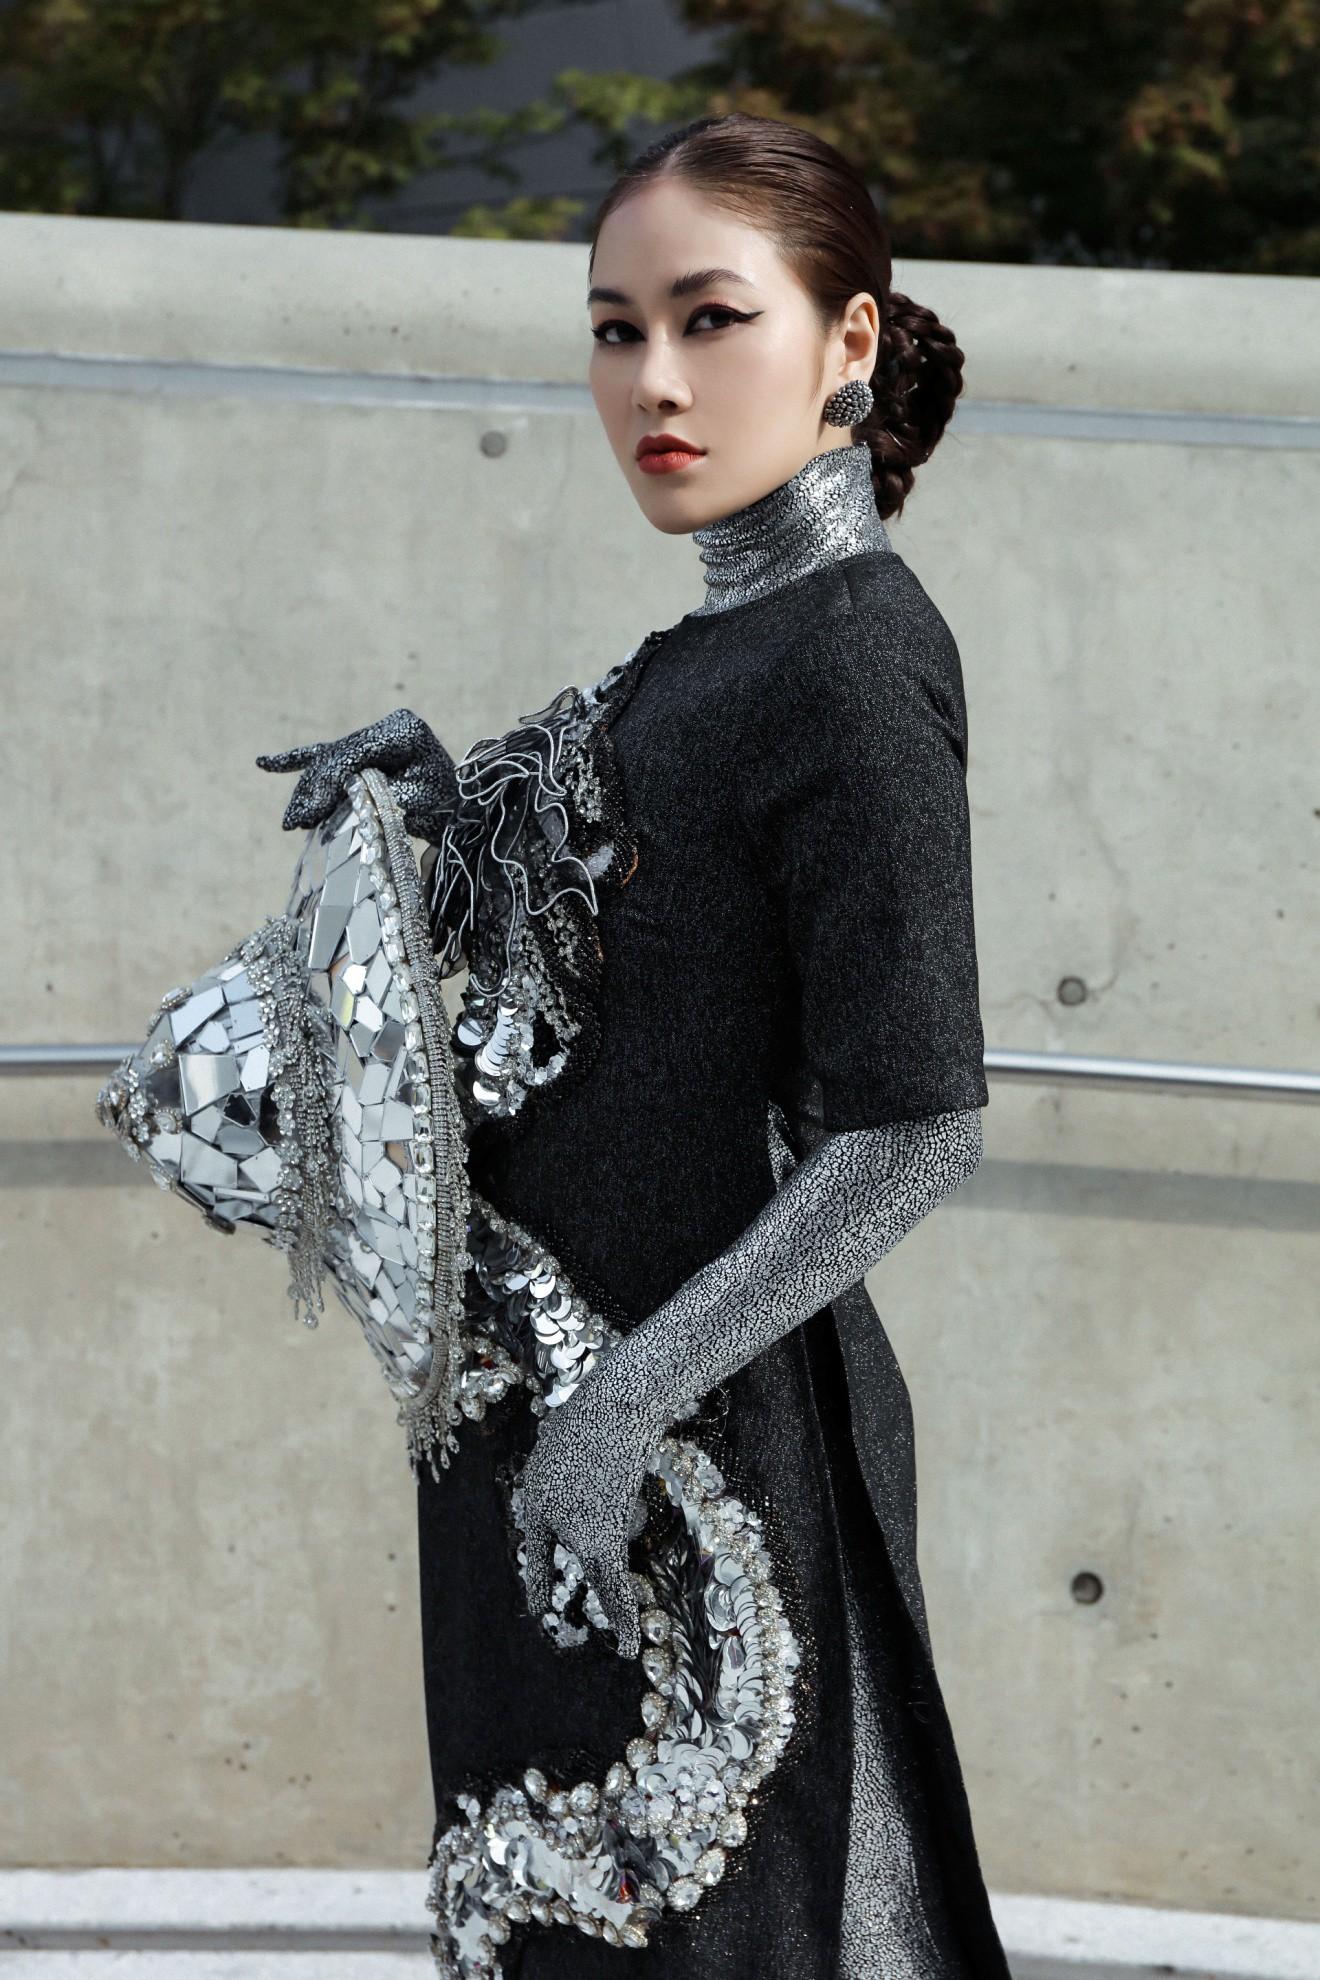 Giới mộ điệu ngỡ ngàng khi Hoa hậu Áo dài Tuyết Nga đem áo dài đính rồng kim loại đến Seoul Fashion Week 2019 - Ảnh 3.